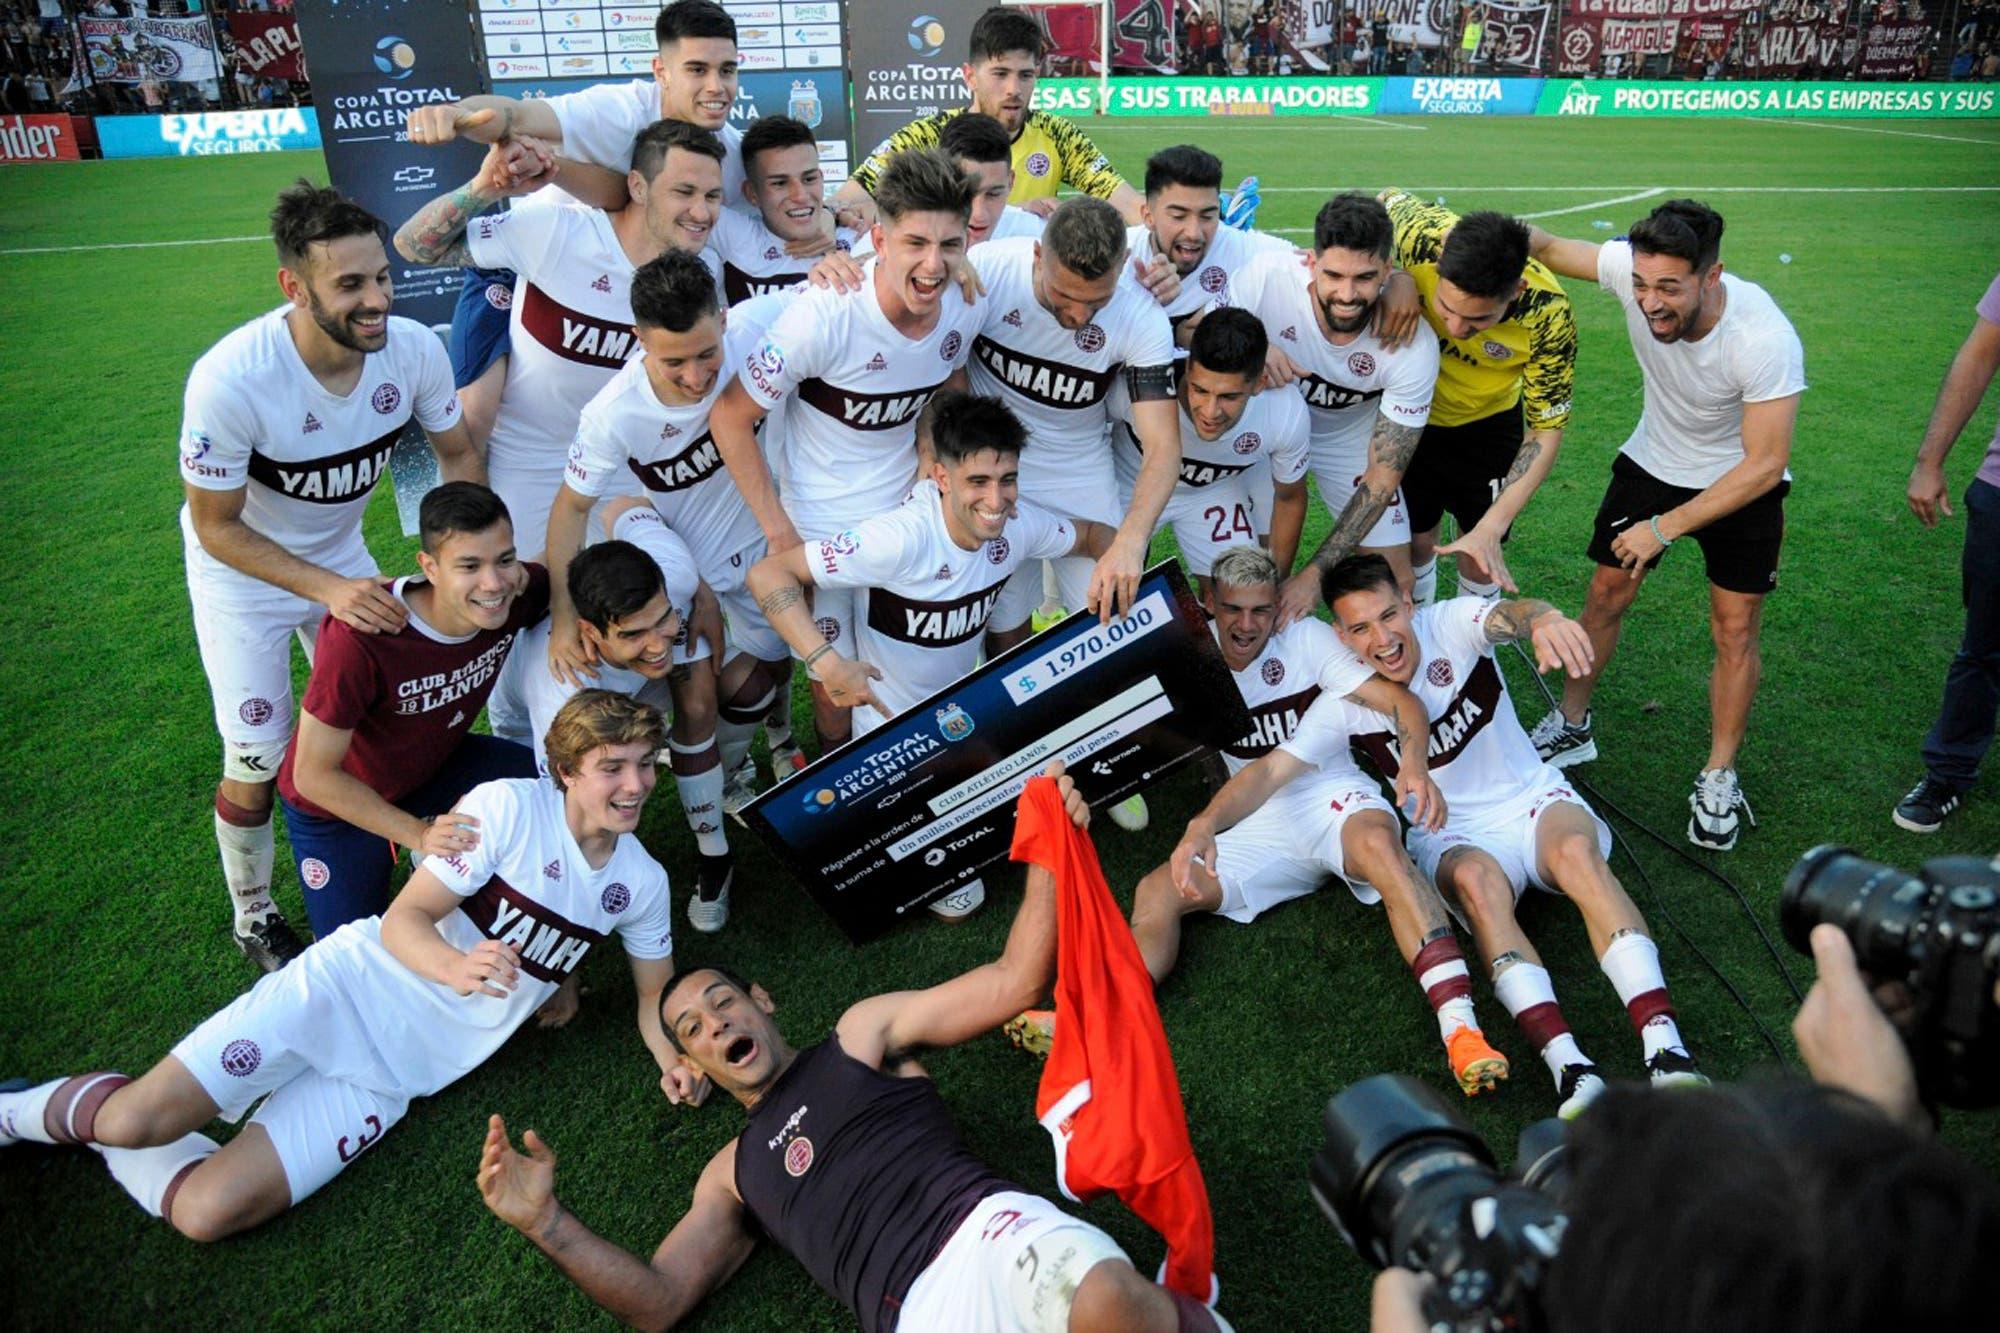 Lanús eliminó a Independiente de la Copa Argentina, es semifinalista y el ciclo de Sebastián Beccacece tambalea